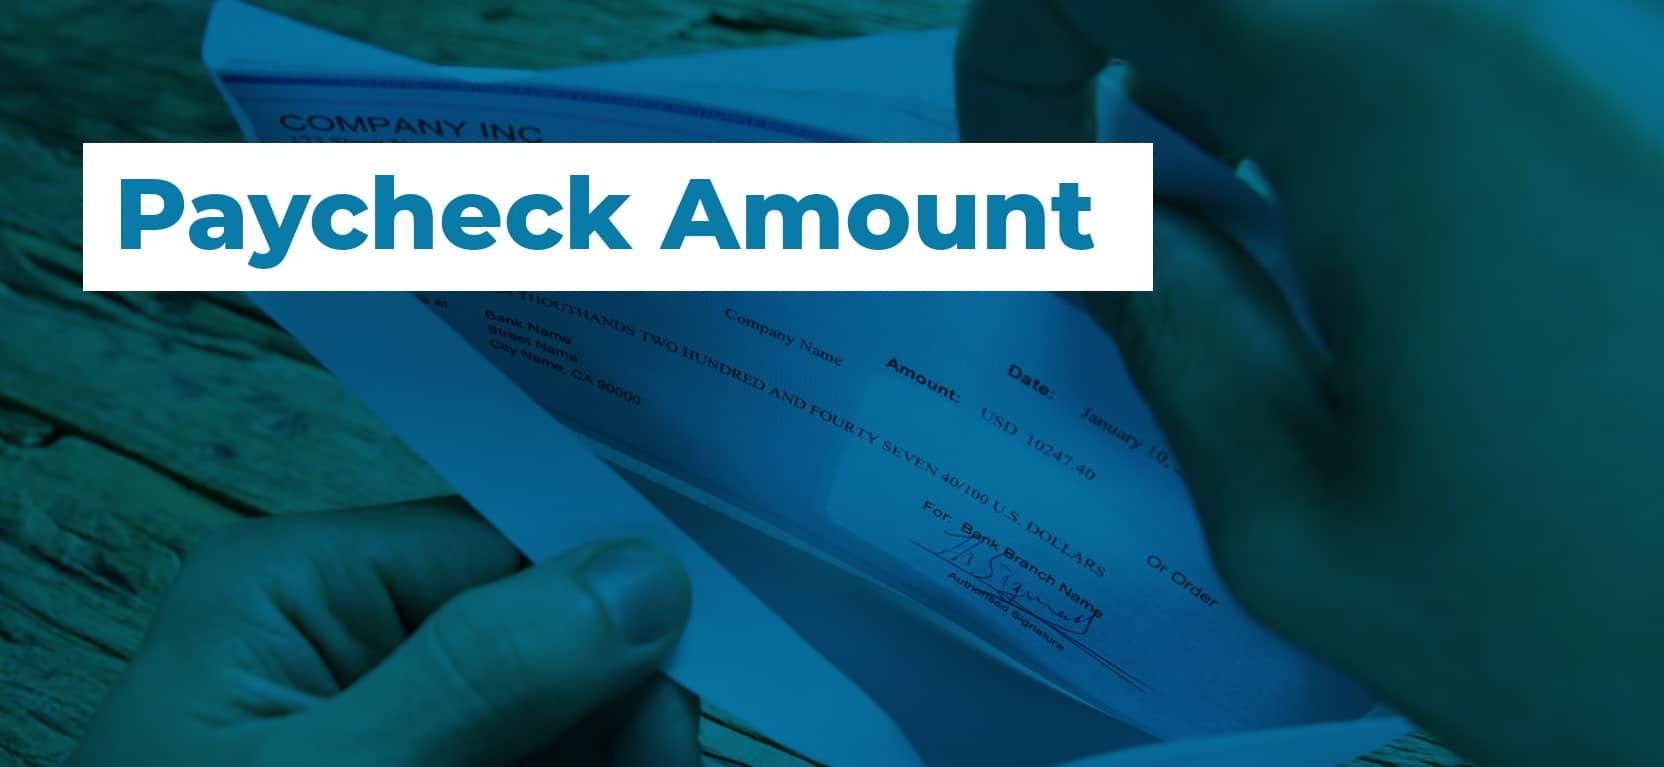 06 Paycheck Amount2